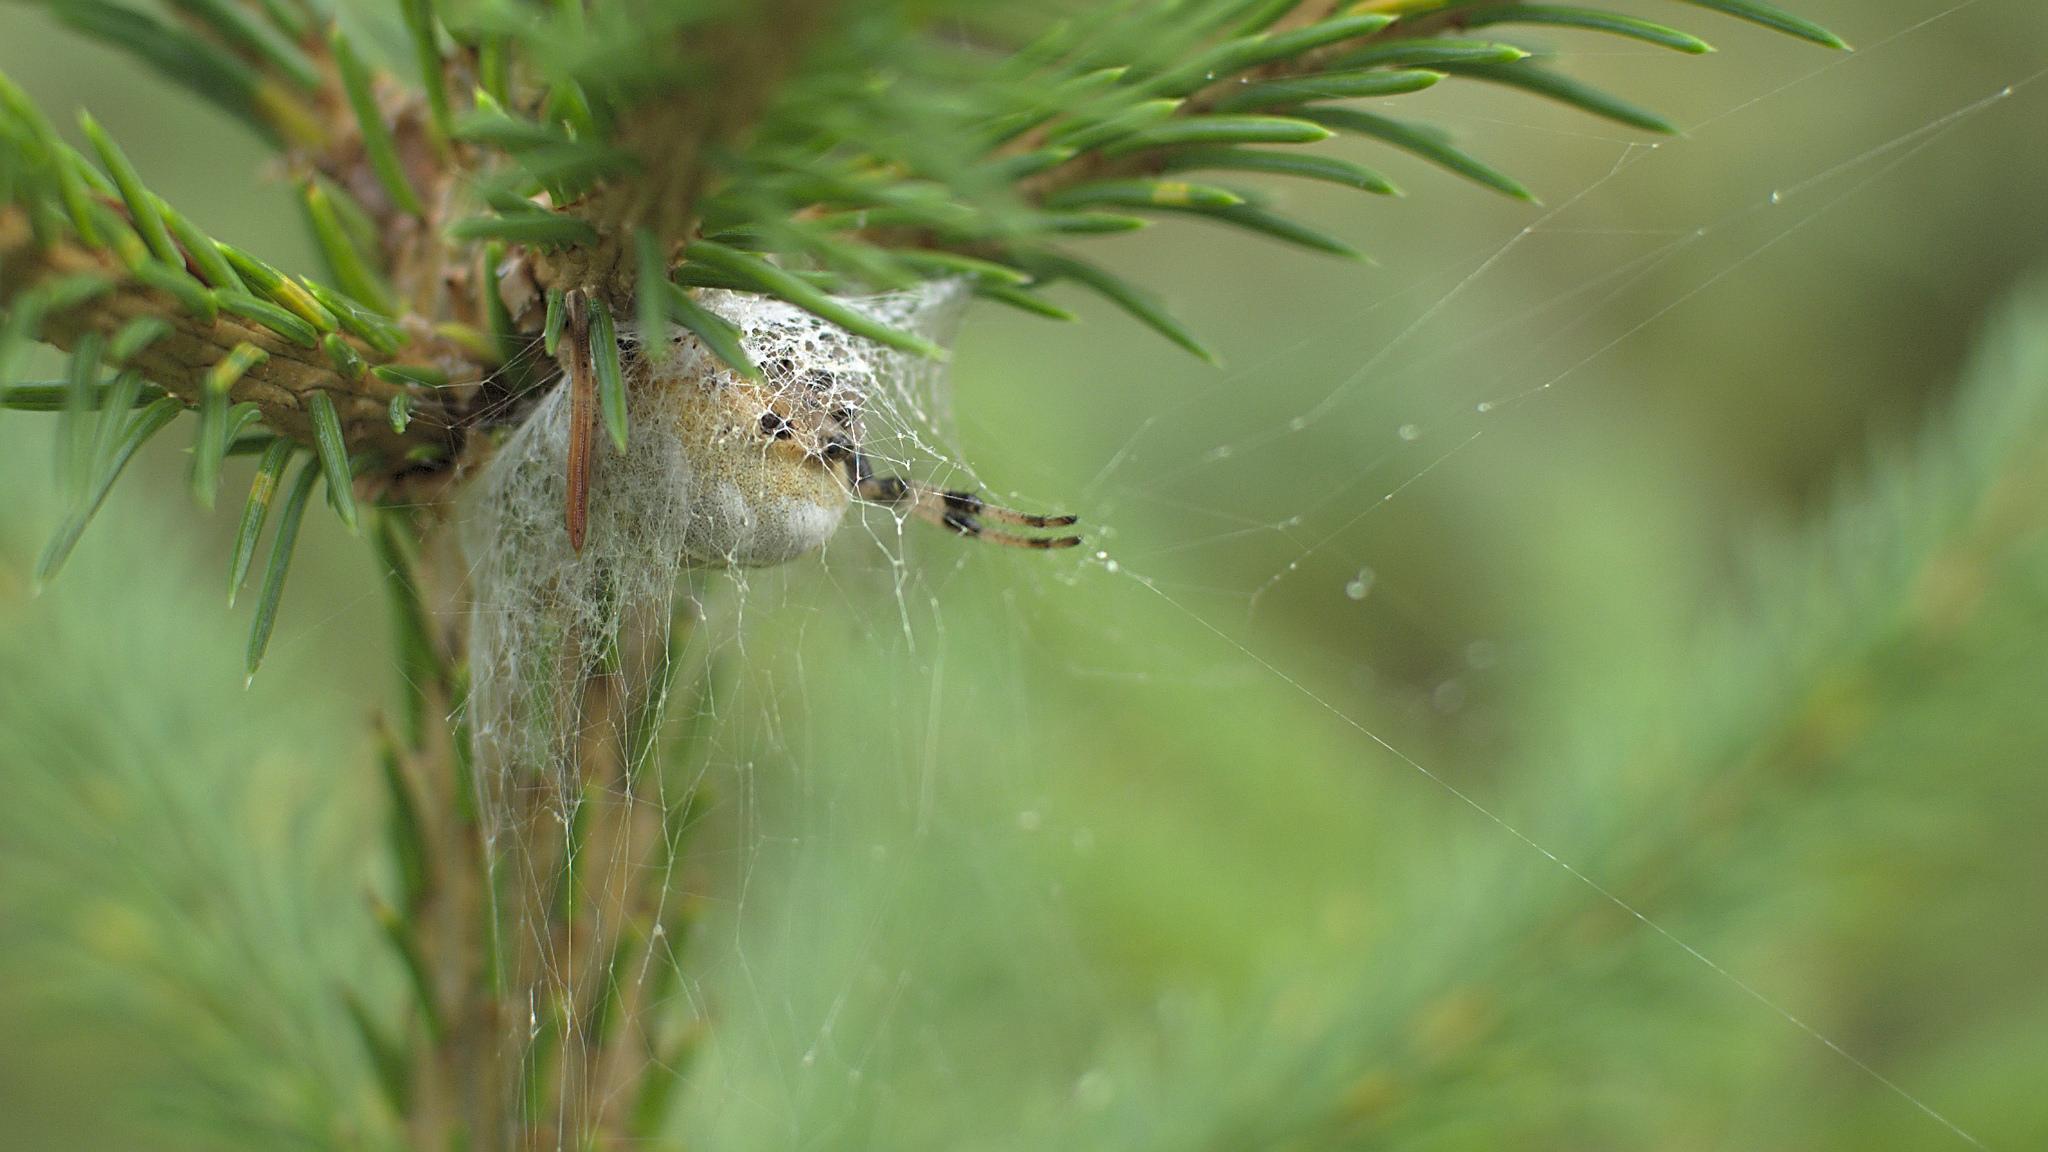 Flickr - Lurking spider - Hanna Sörensson